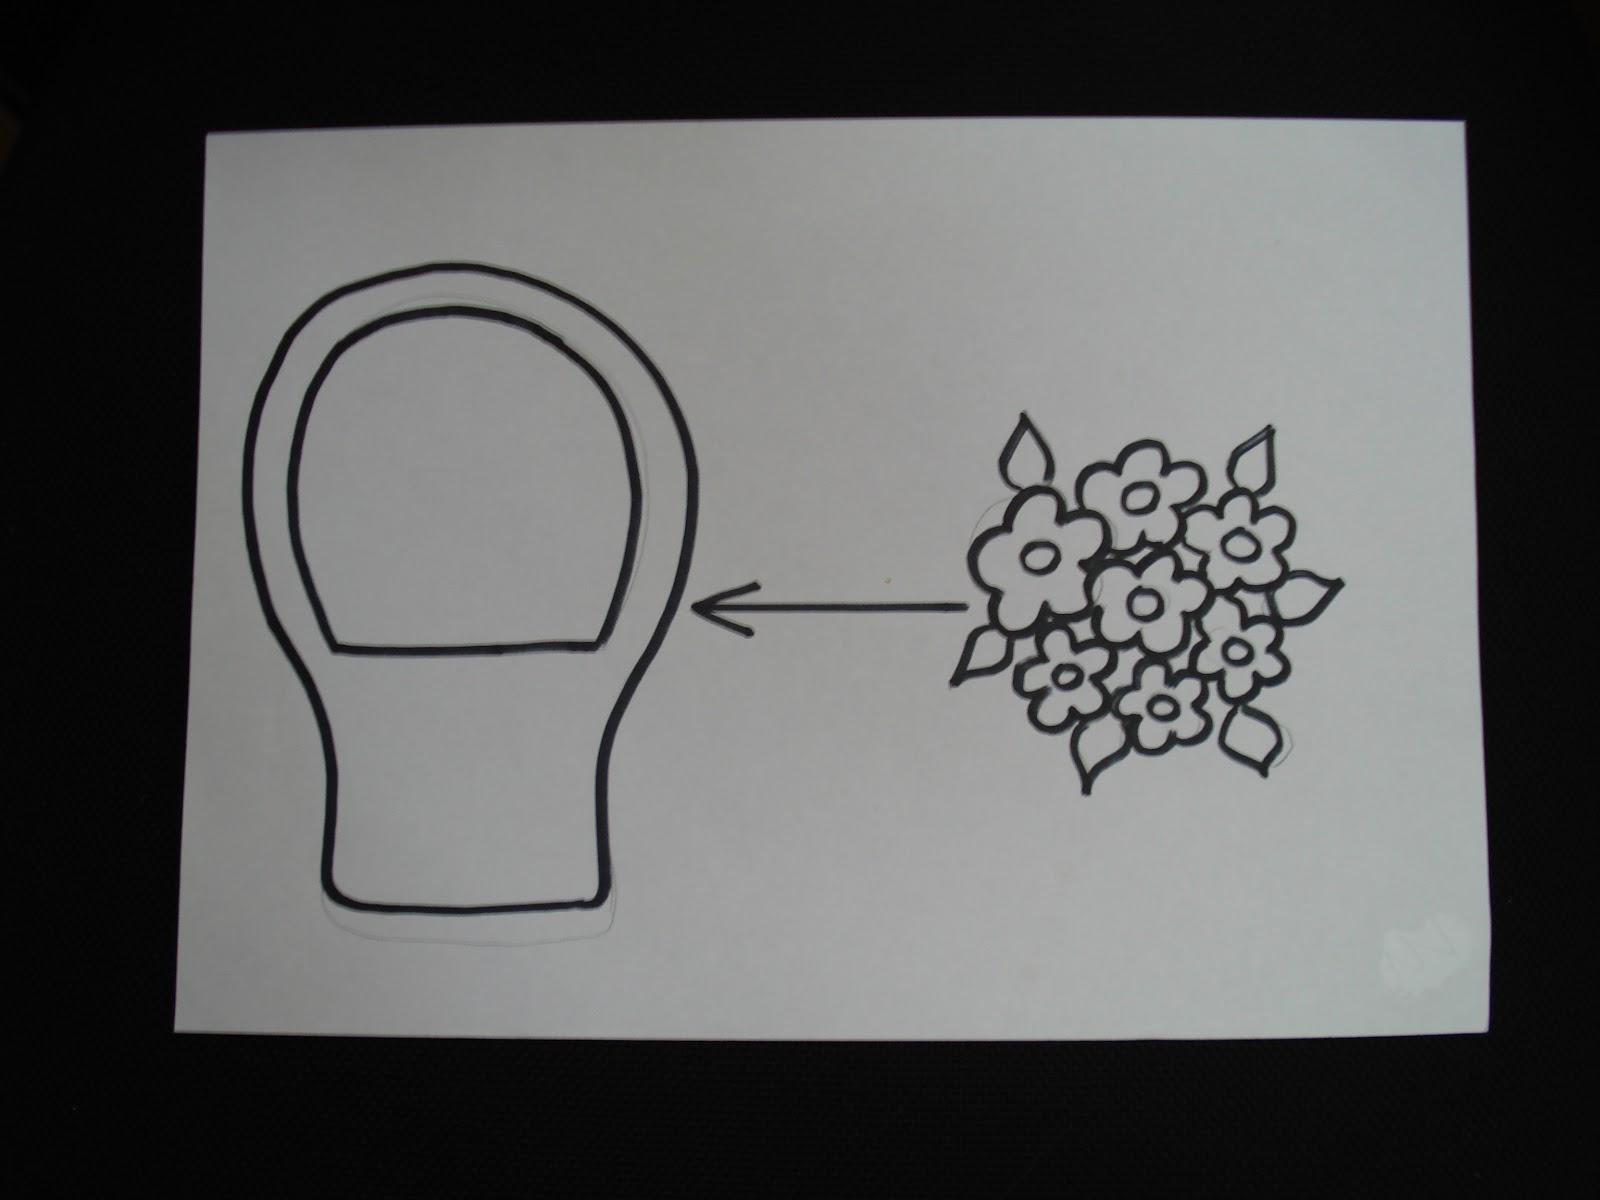 схема анализа урока в период адаптации